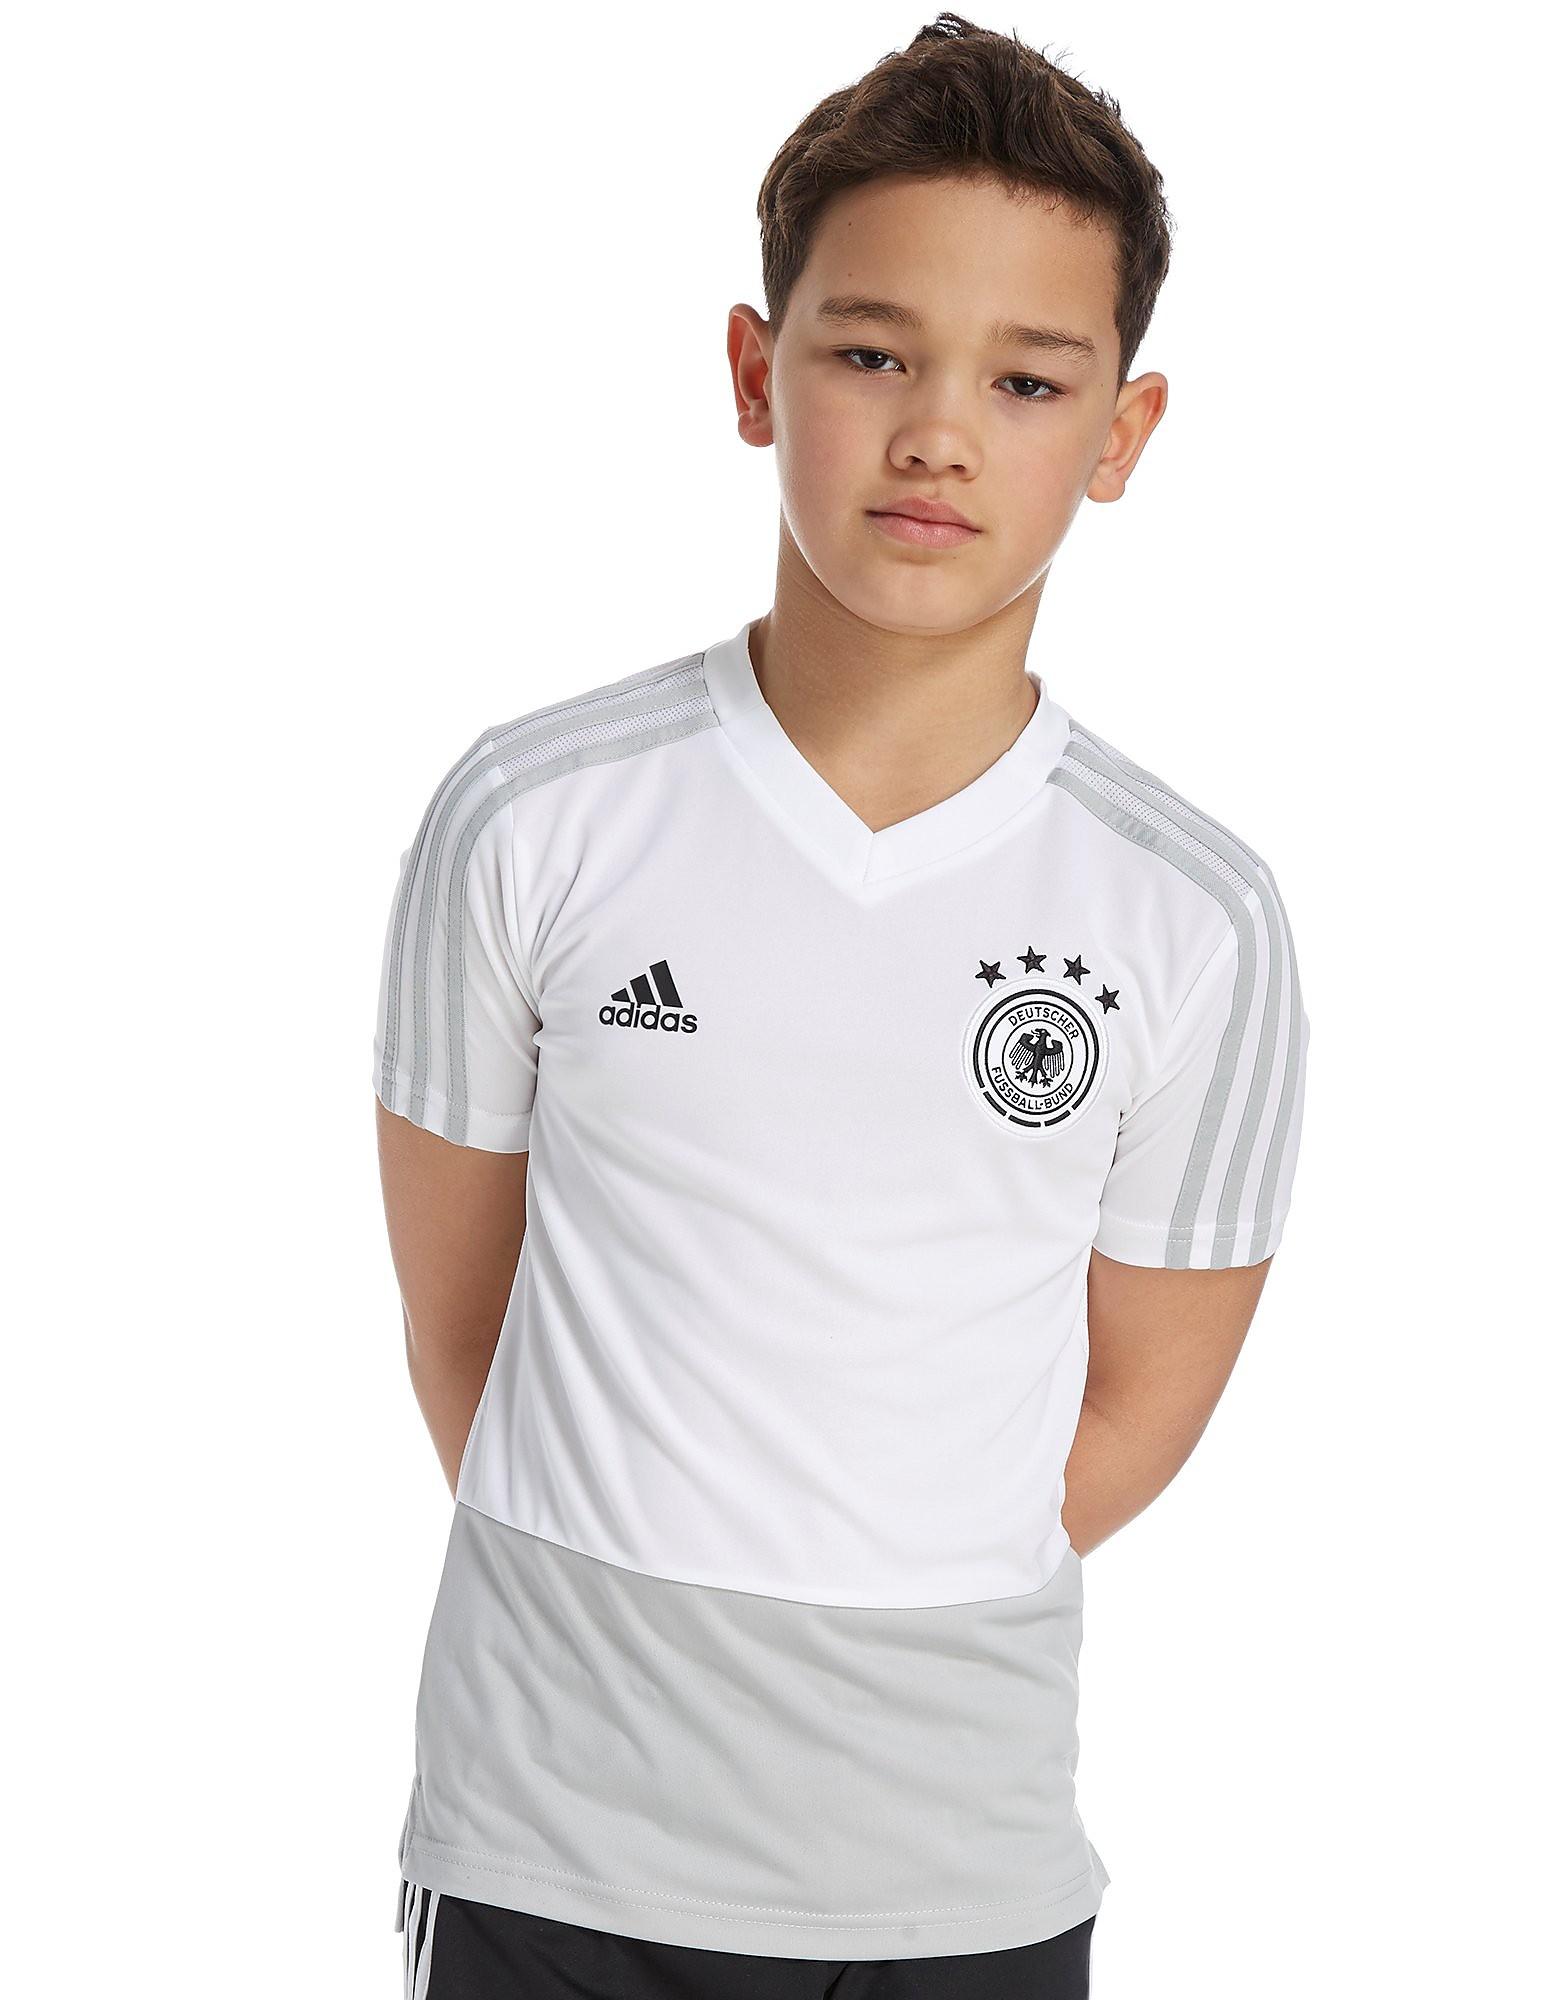 adidas DFB Deutschland 2018 Trainingstrikot Junior Weiß